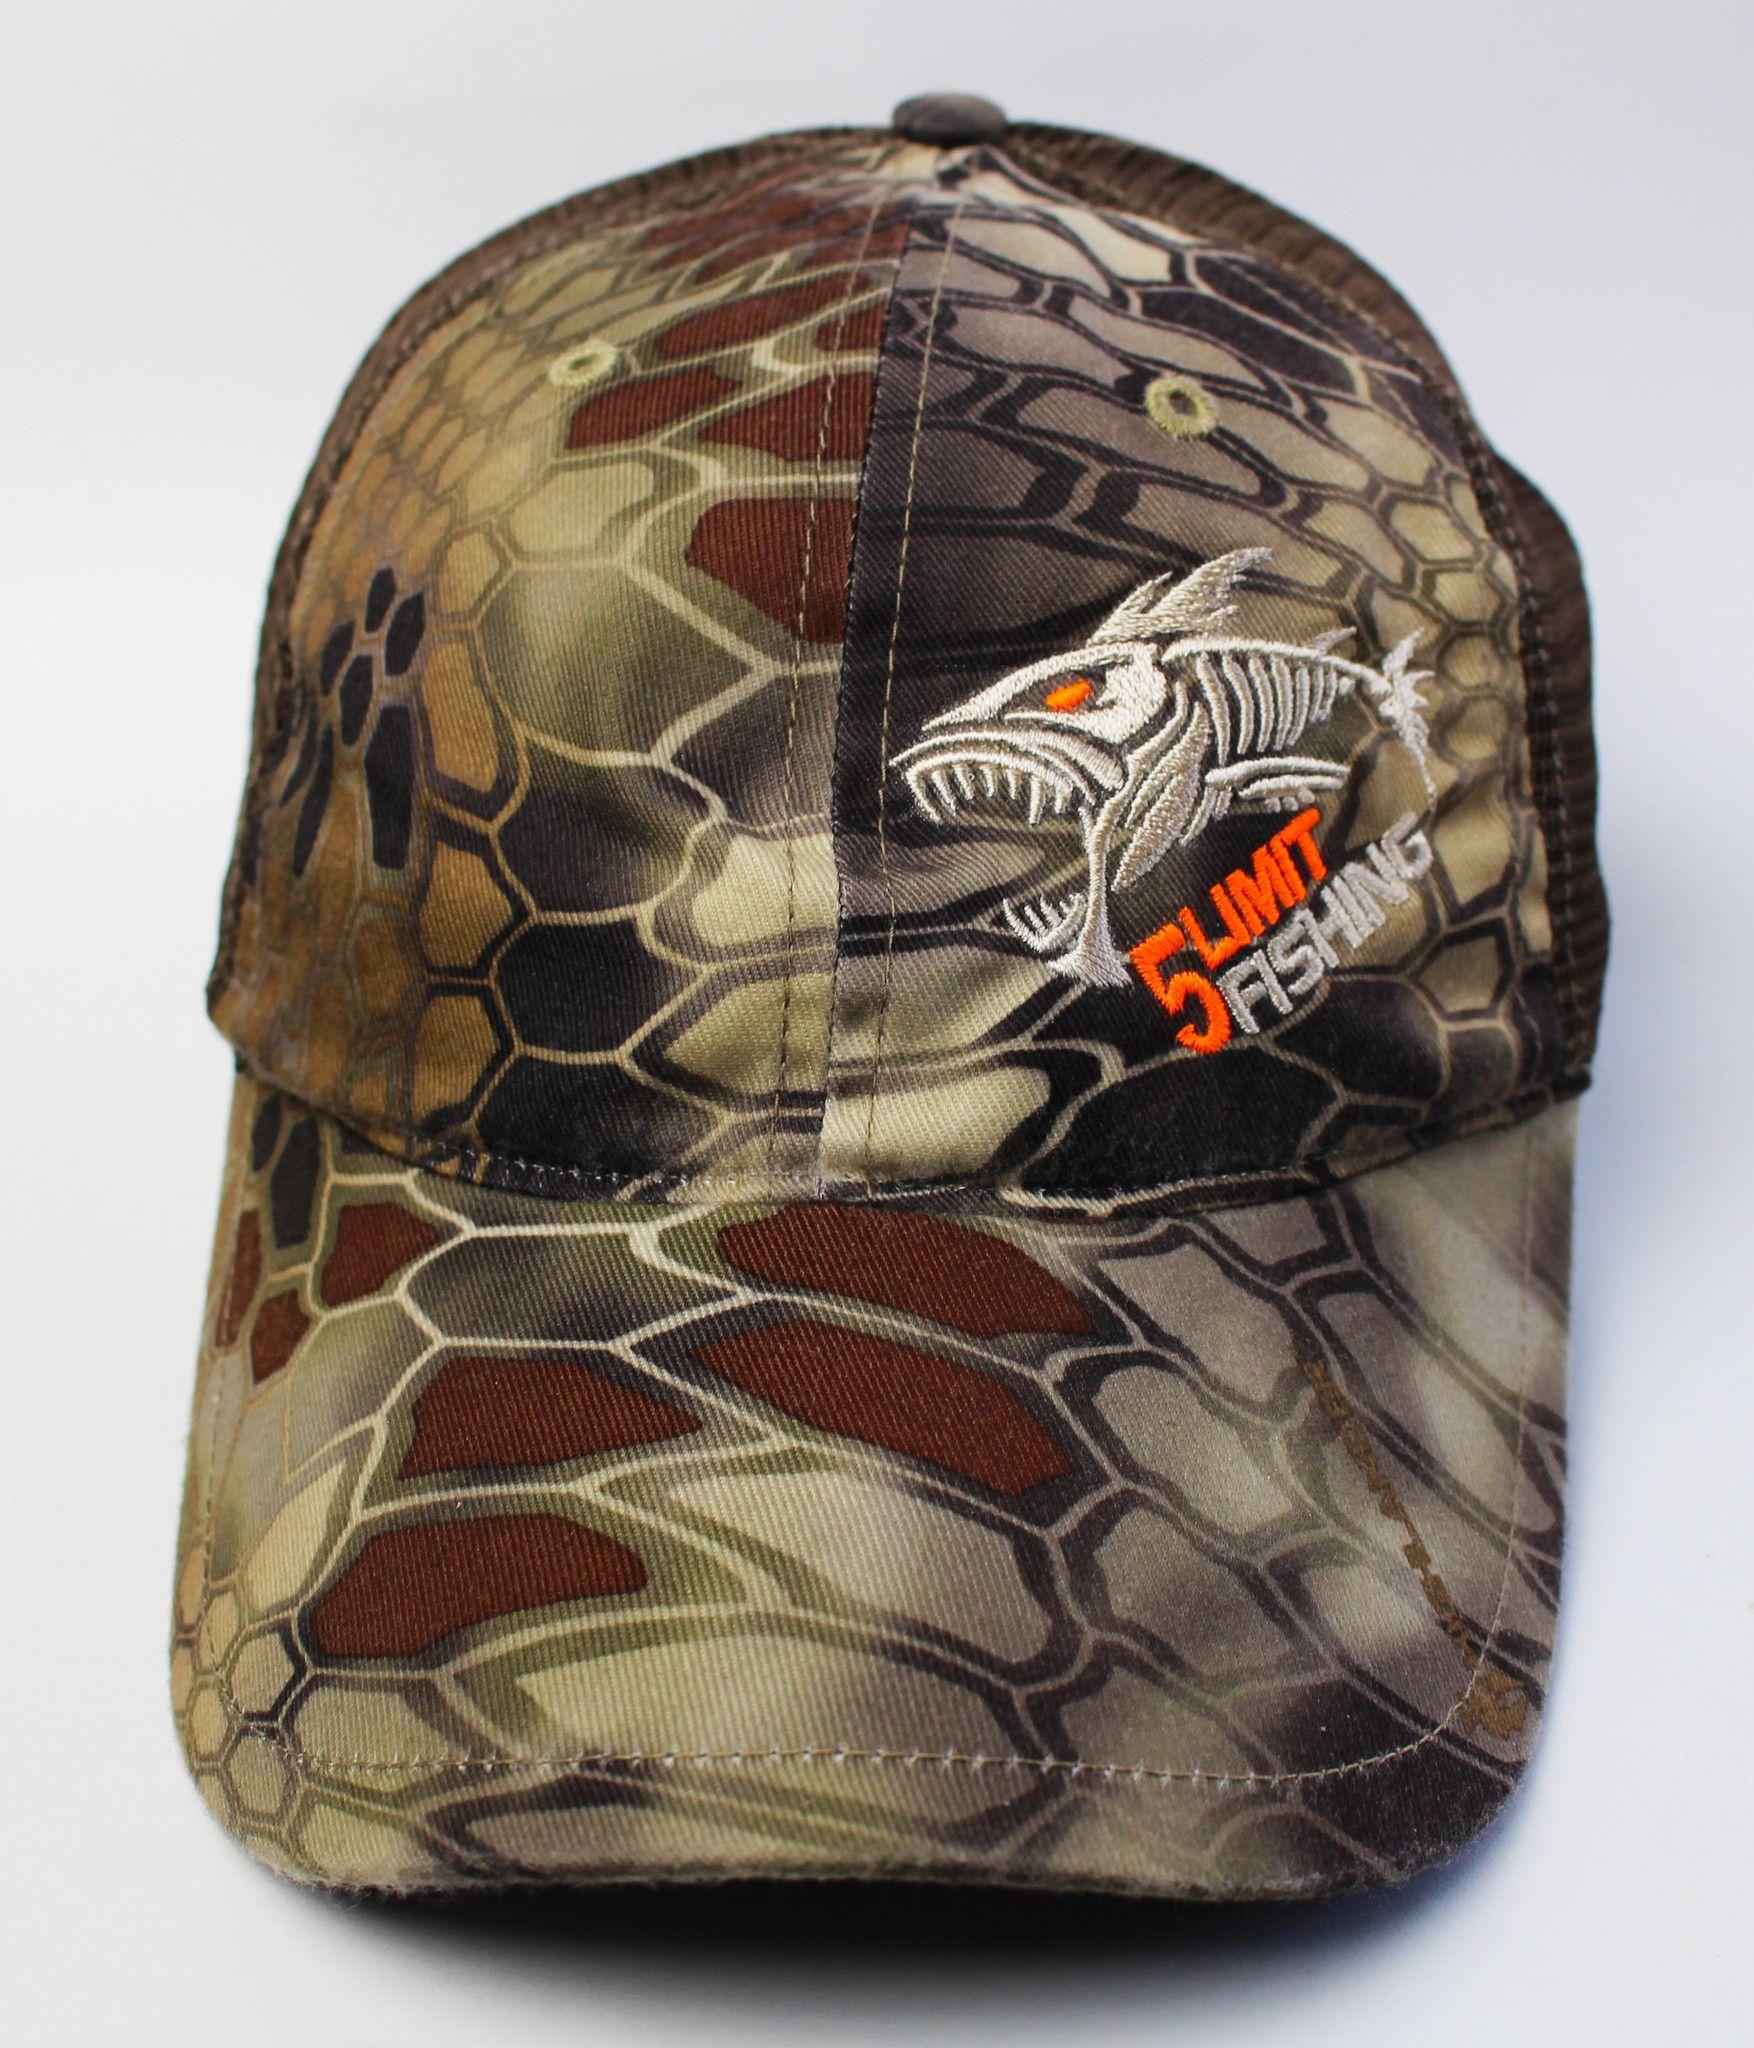 9c6b00a6db9e61 Highlander Kryptek Camo Hat | you can't see me | Camo hats, Hats, Camo